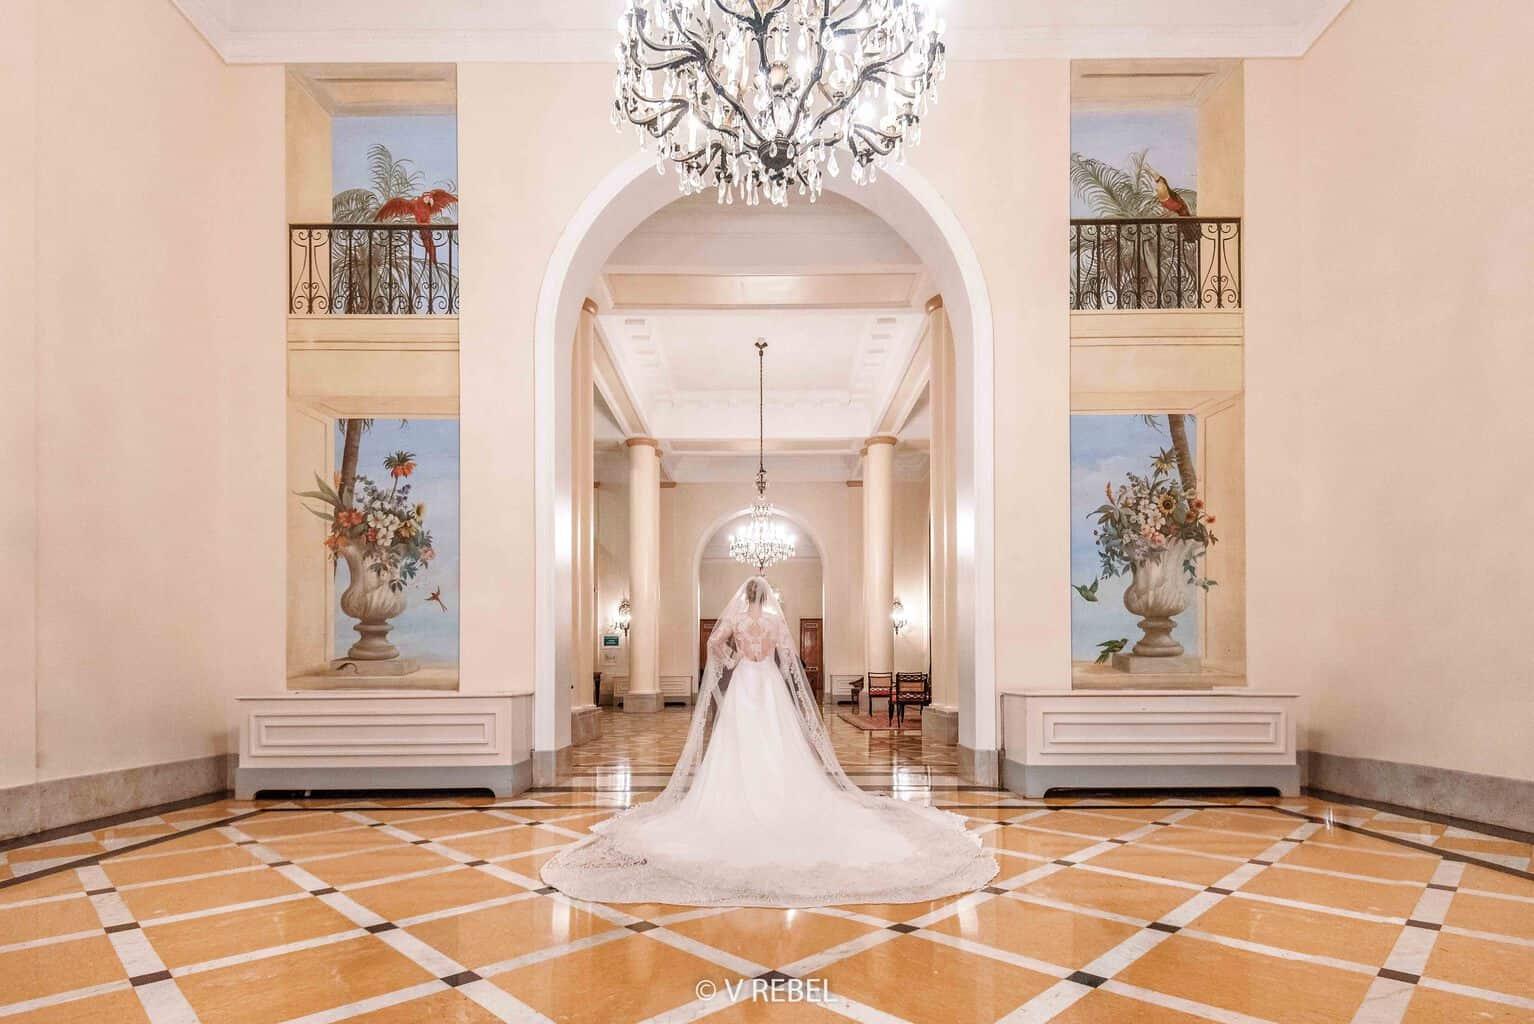 casamento-Caroline-e-Breno-casamento-clássico-fotografia-VRebel-making-of25